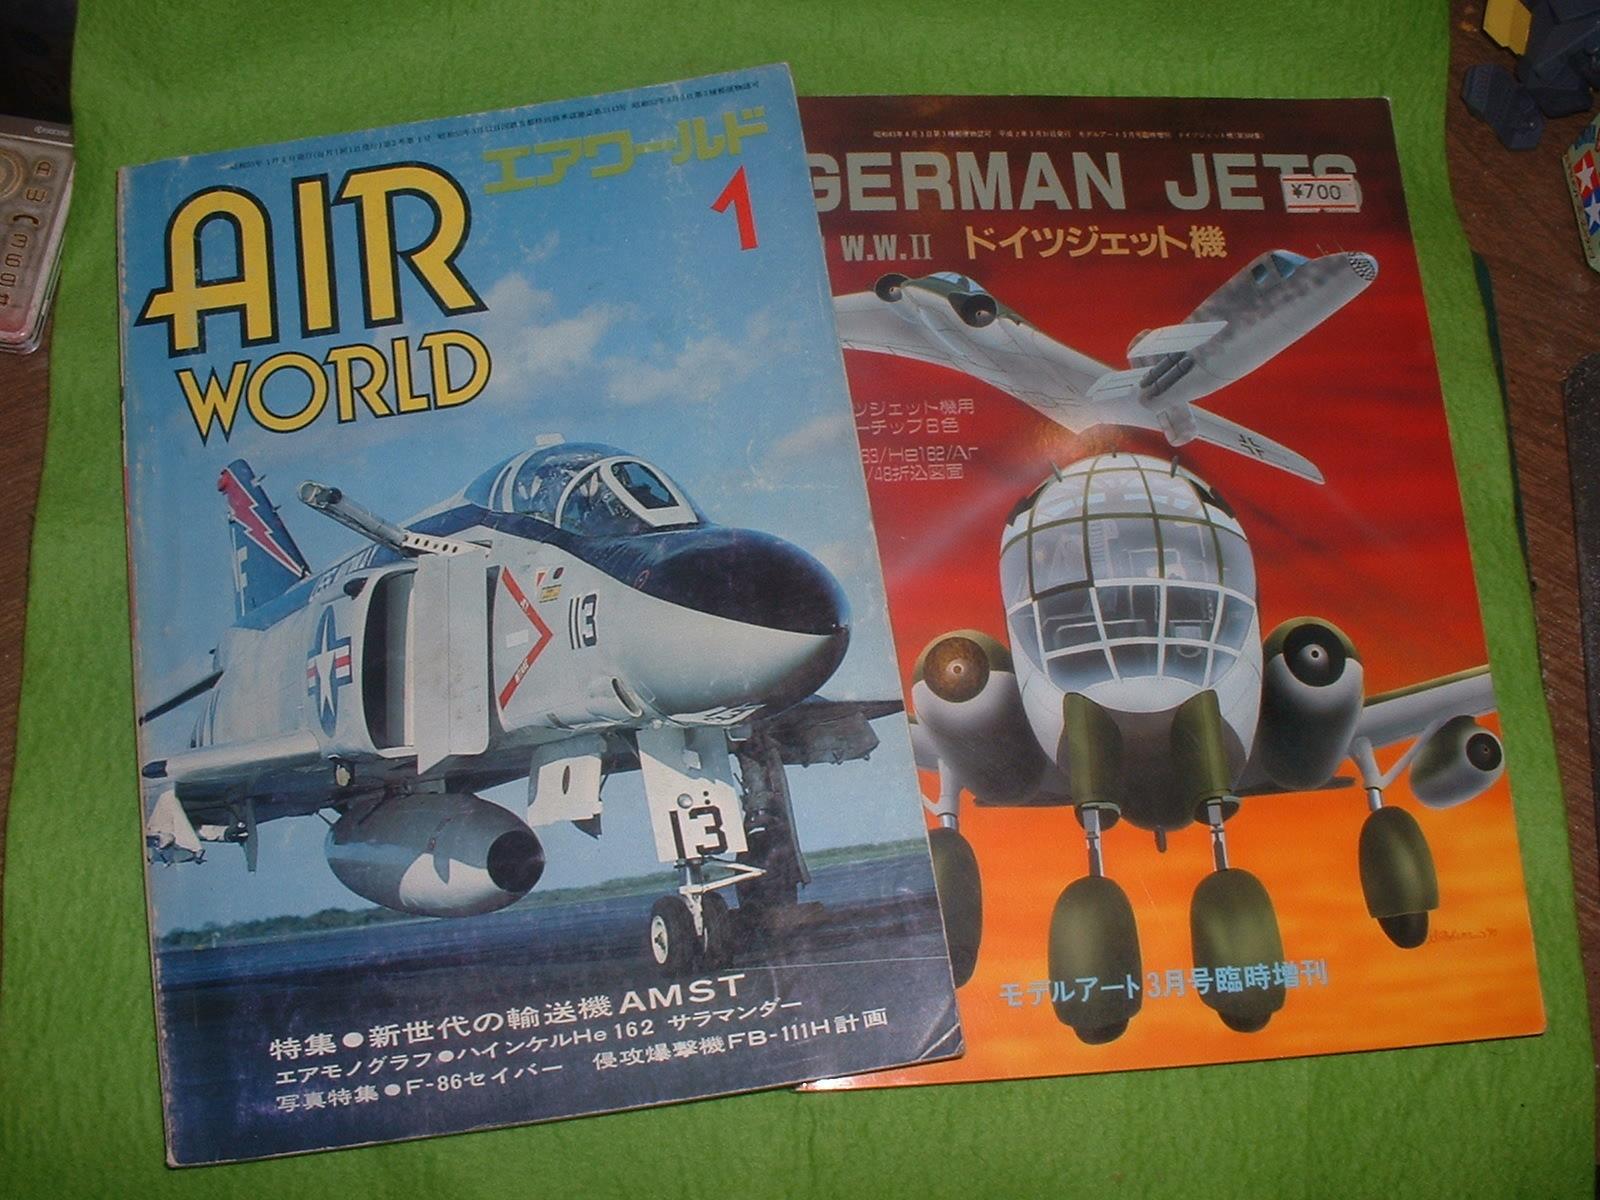 リンドバーク72分の1「ハインケル He162 」製作にあたって読んだ本.JPG